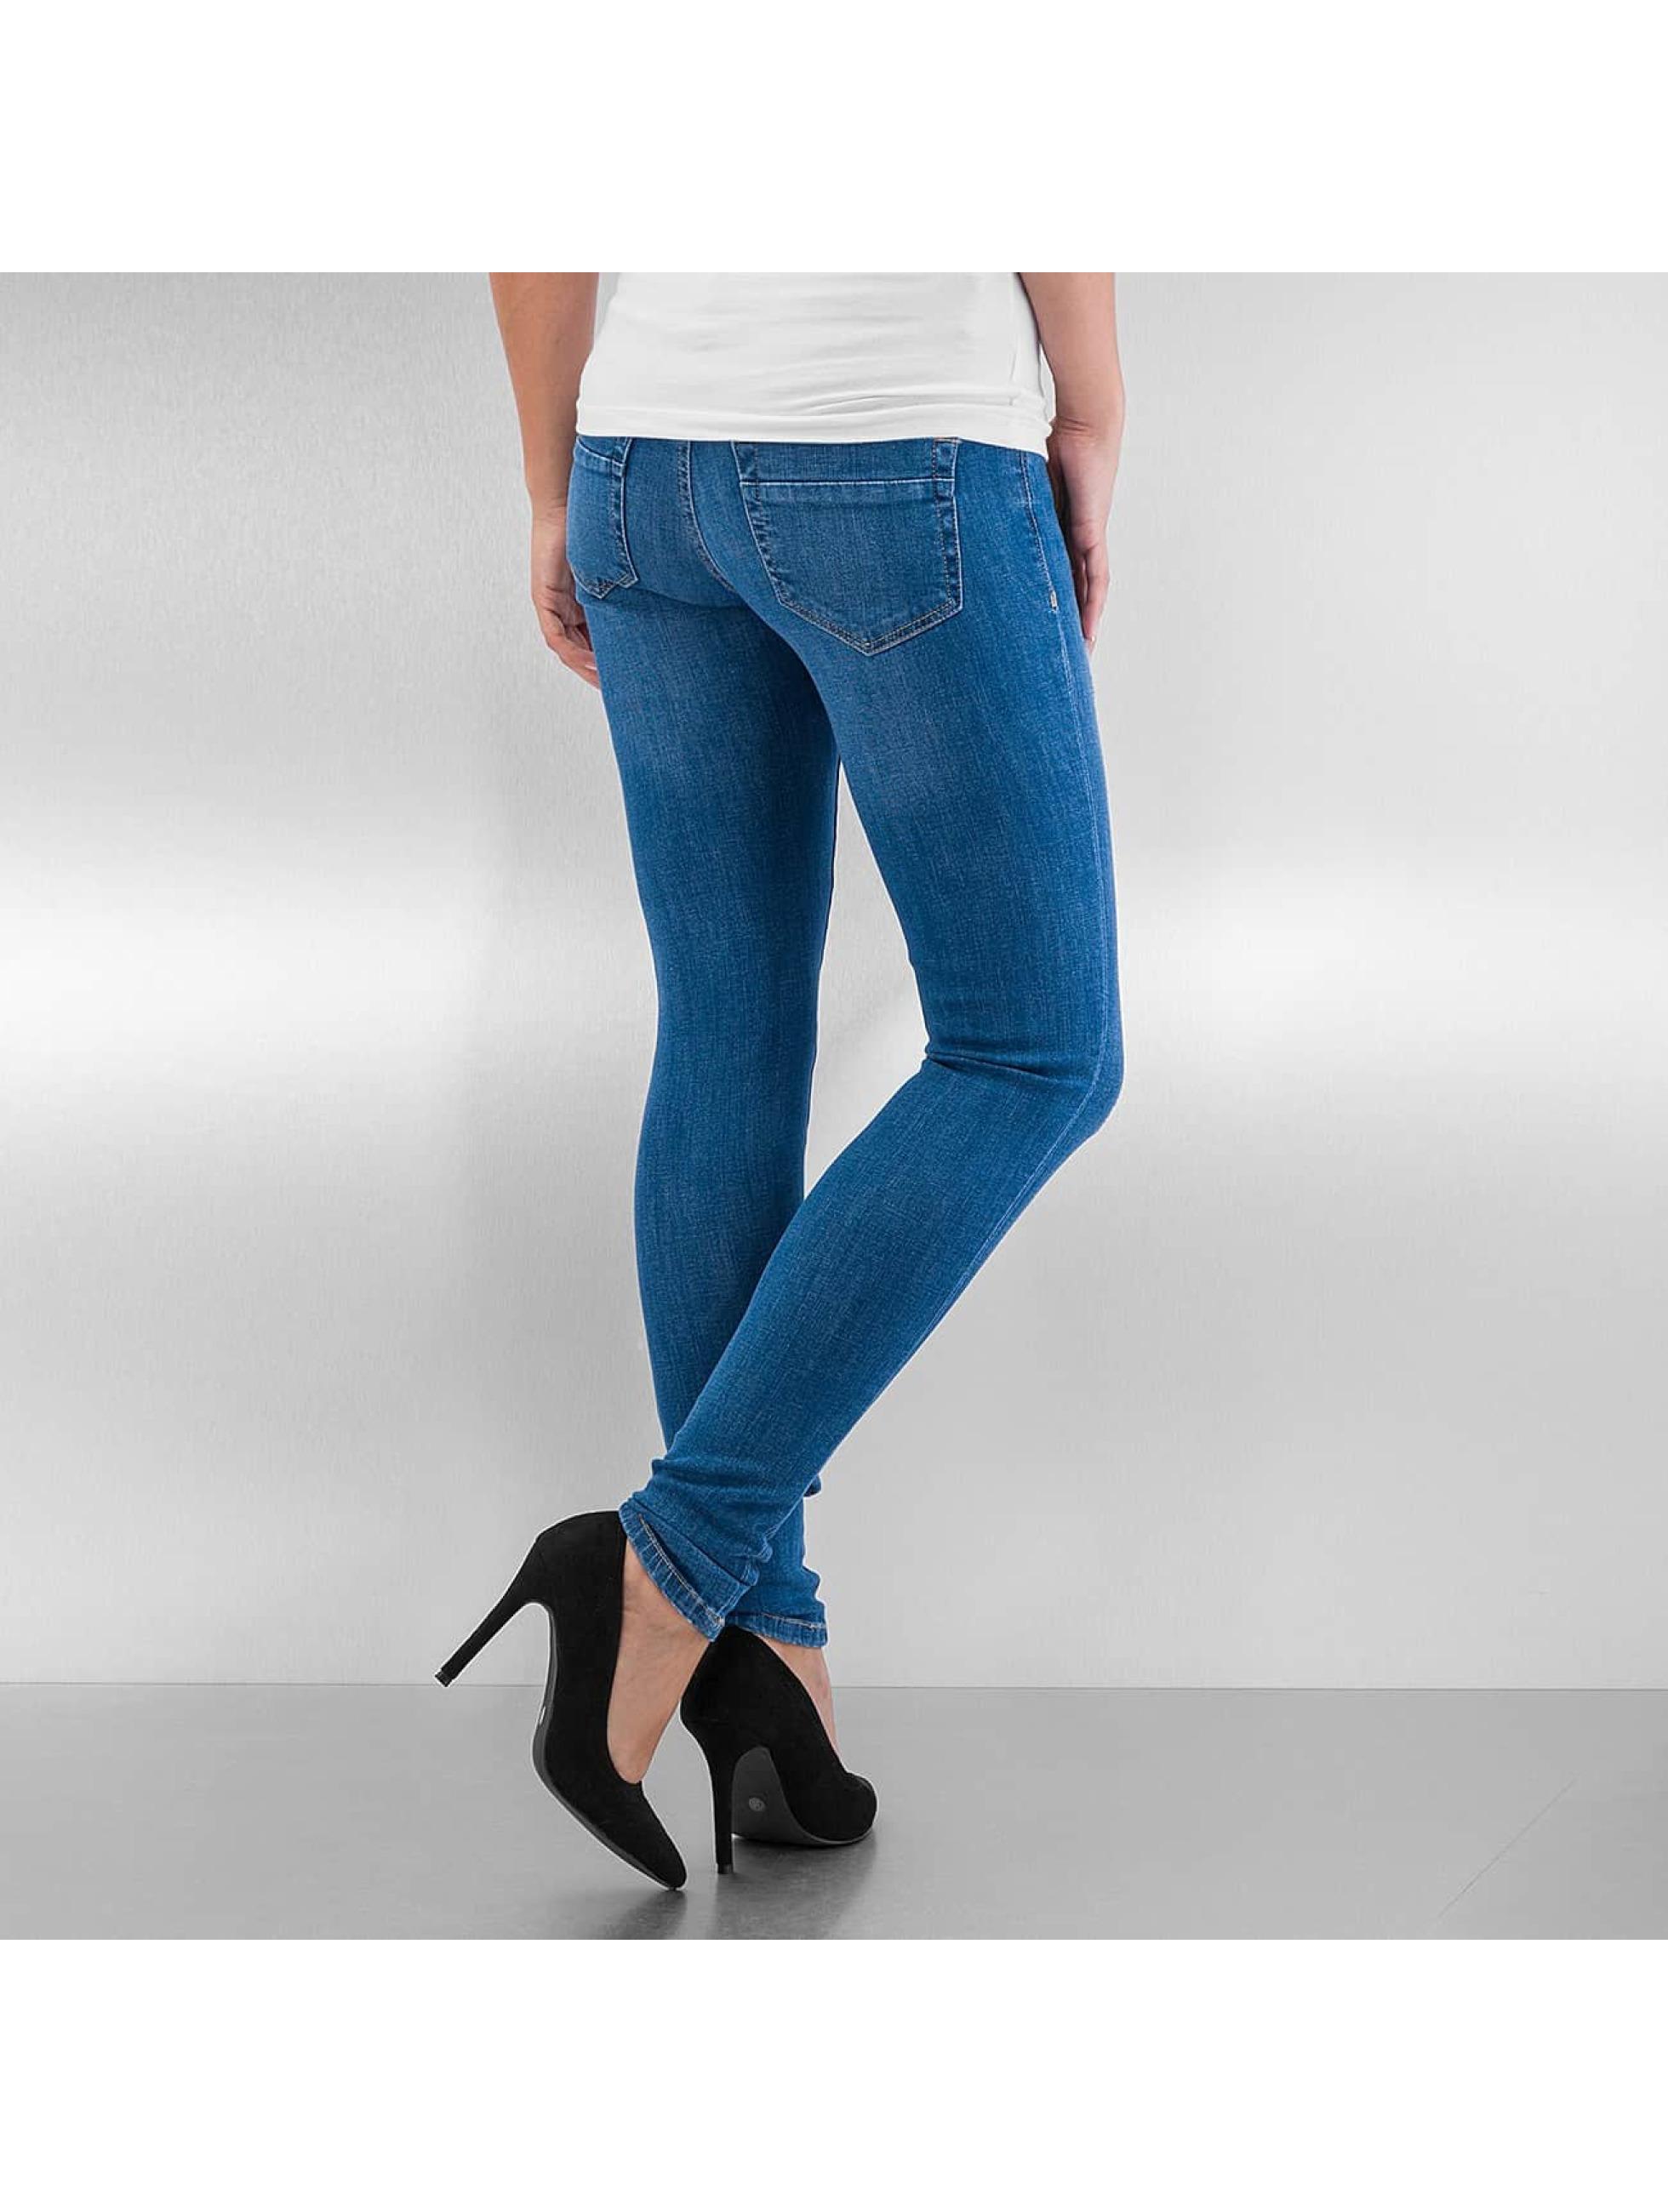 Urban Classics Skinny jeans Ripped Denim blauw